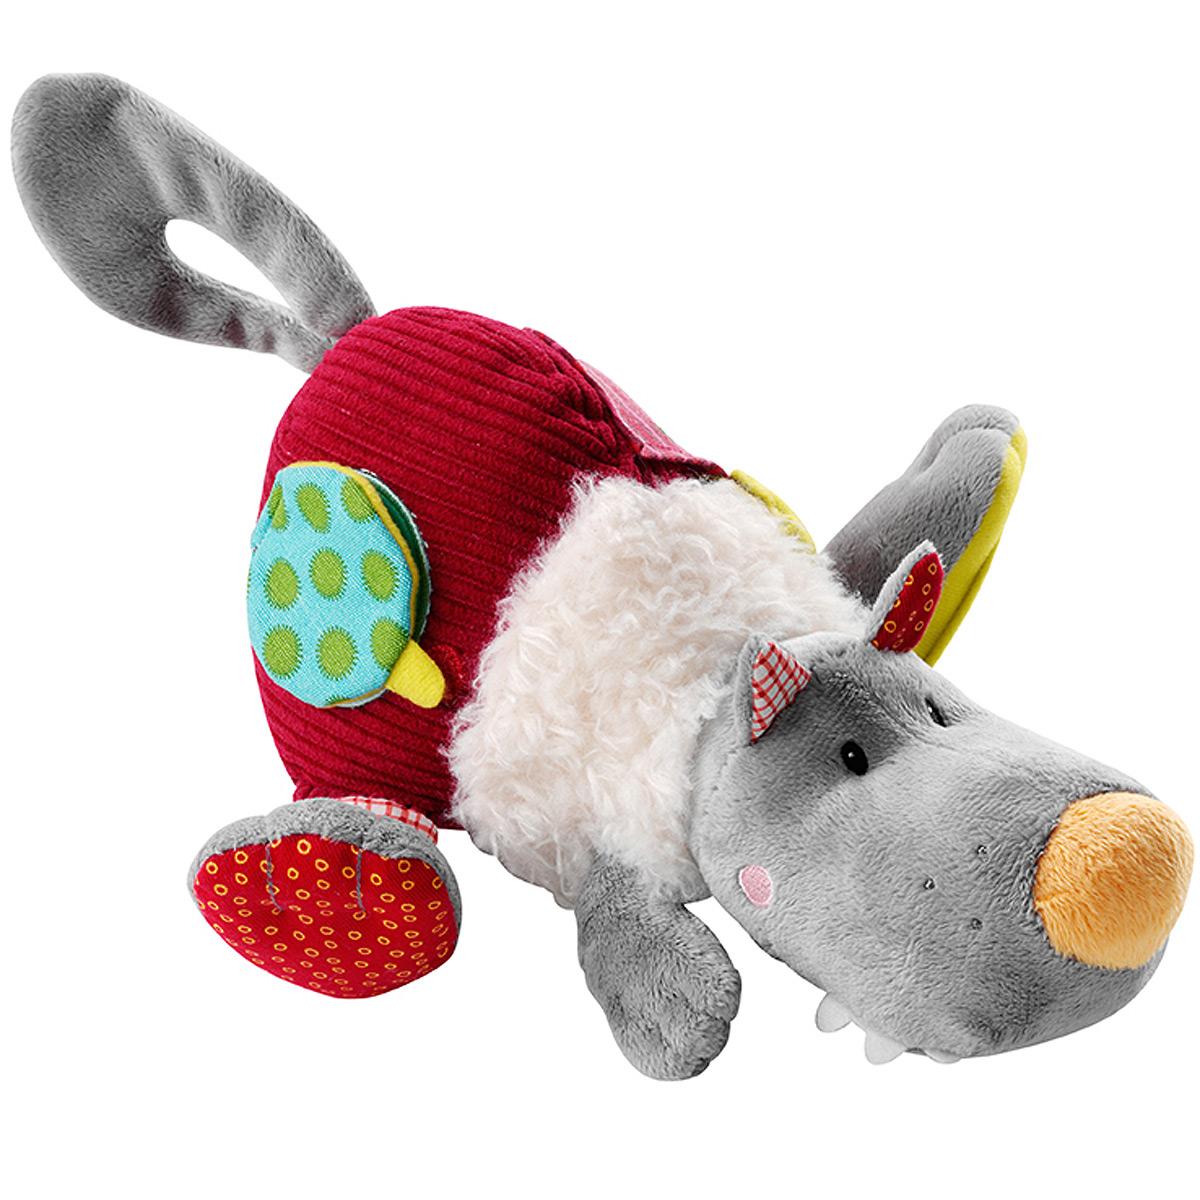 Lilliputiens Развивающая игрушка Волк Николас